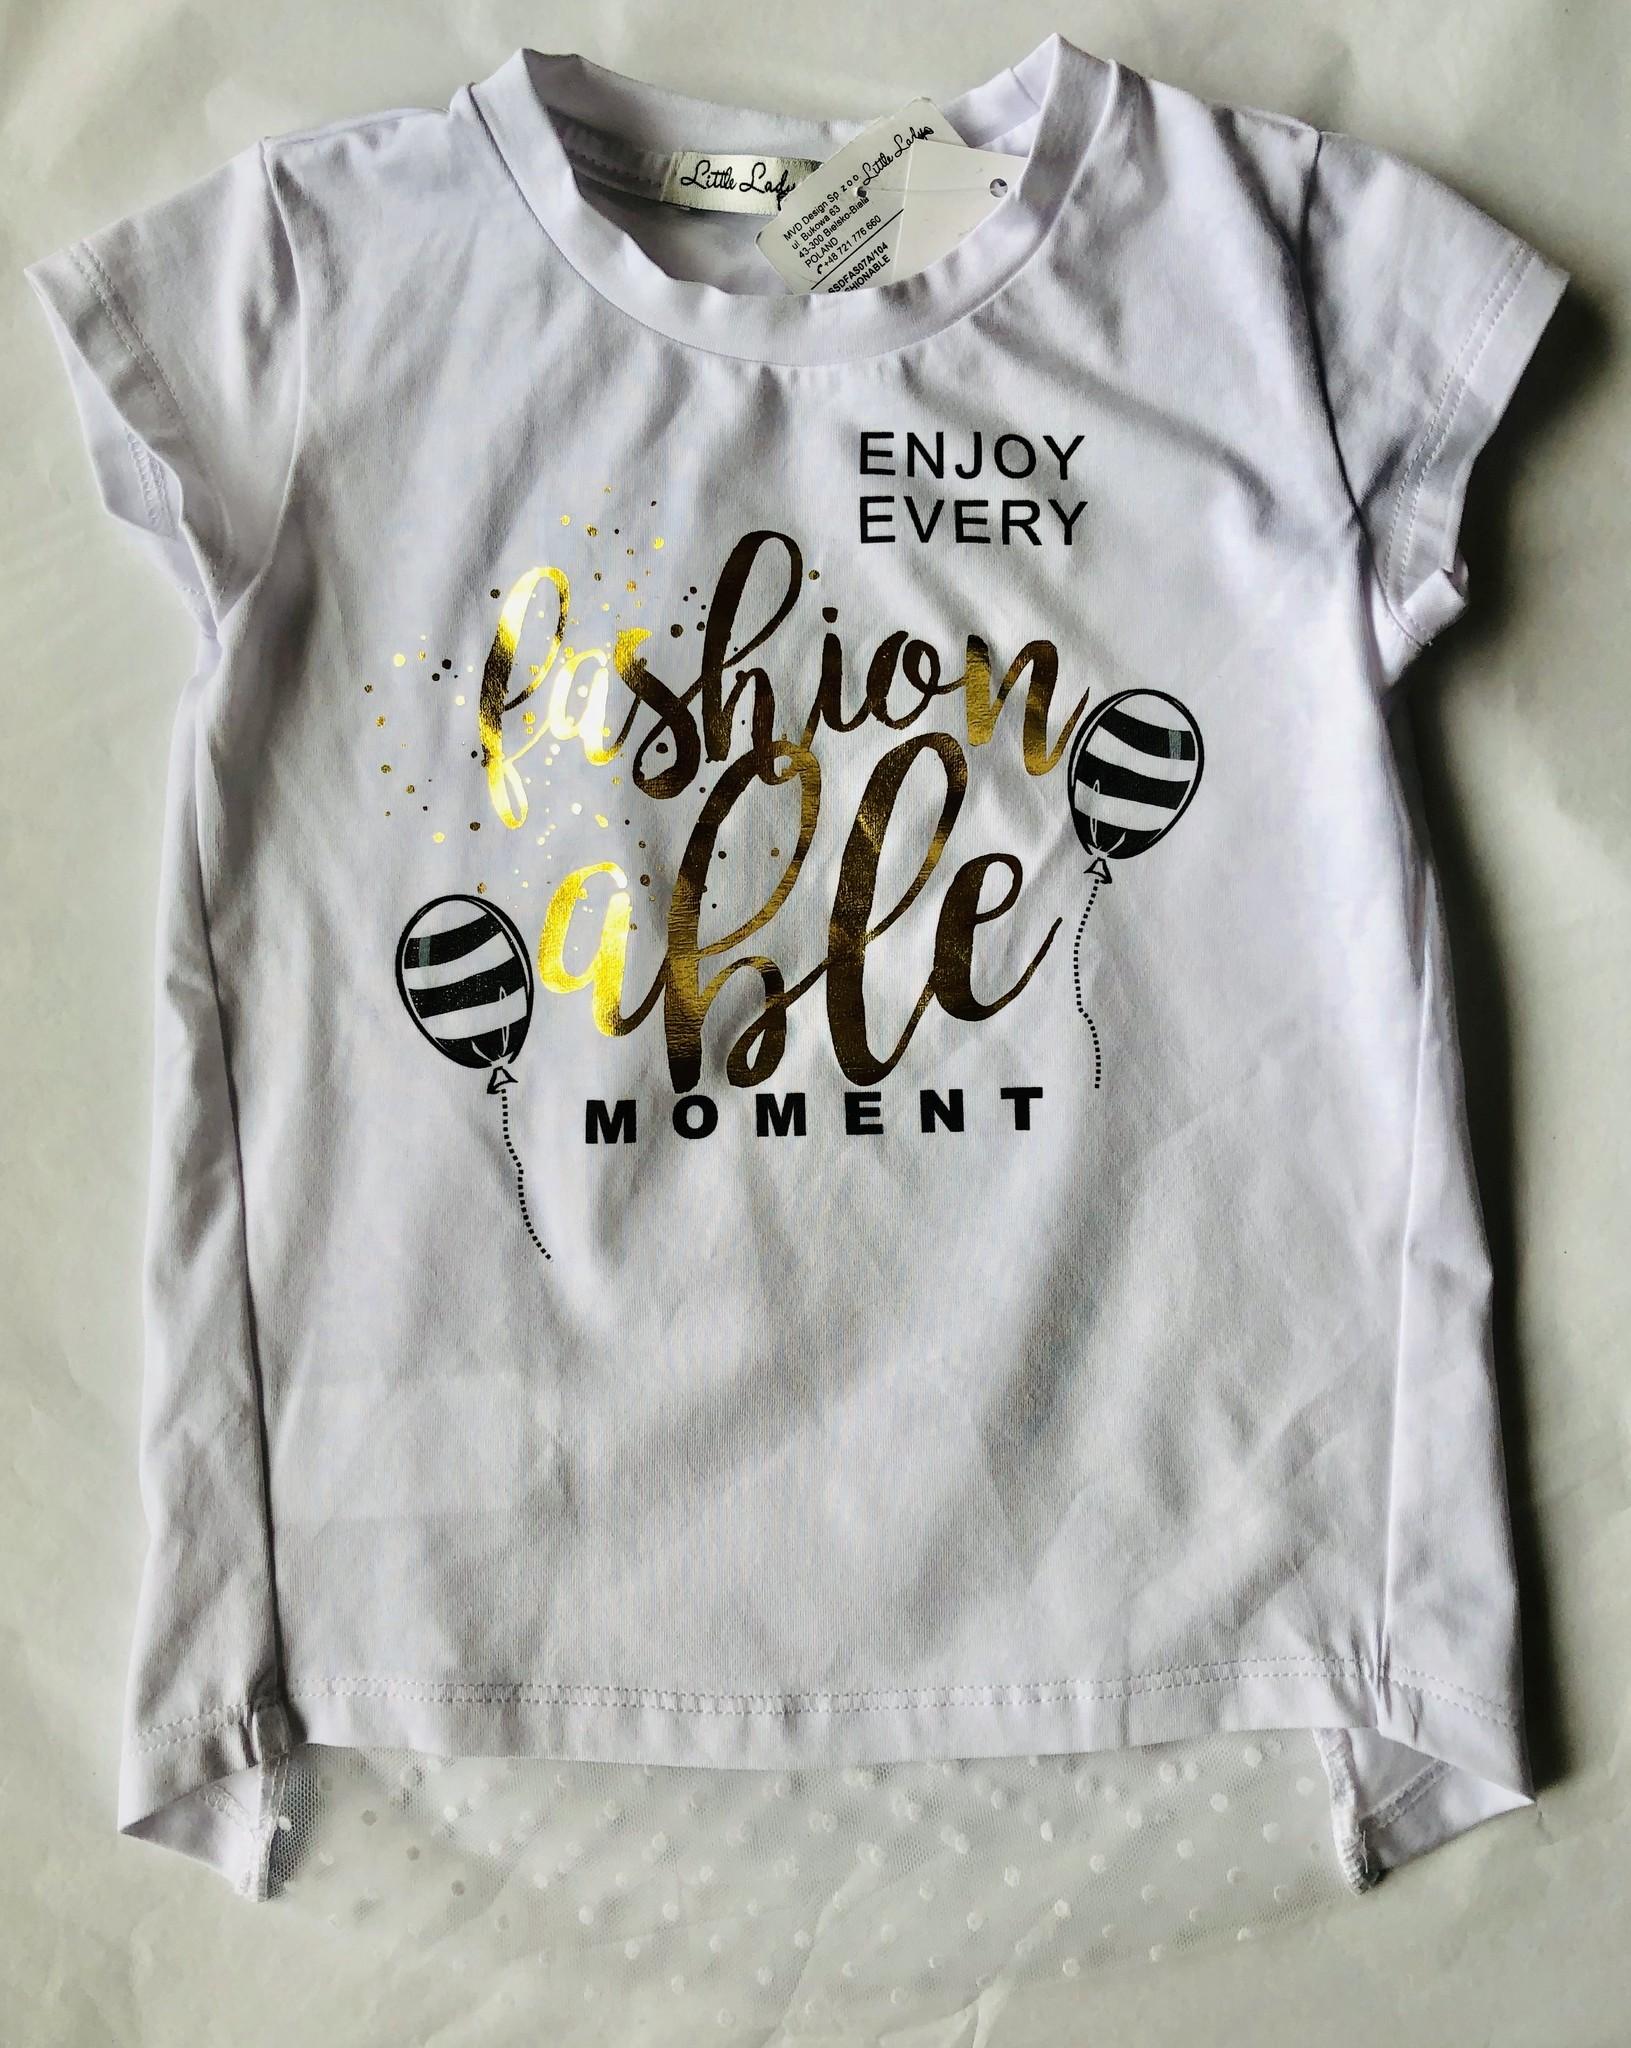 d003d46ea220b Little Lady Little Lady White Fashion Able Moment T-shirt